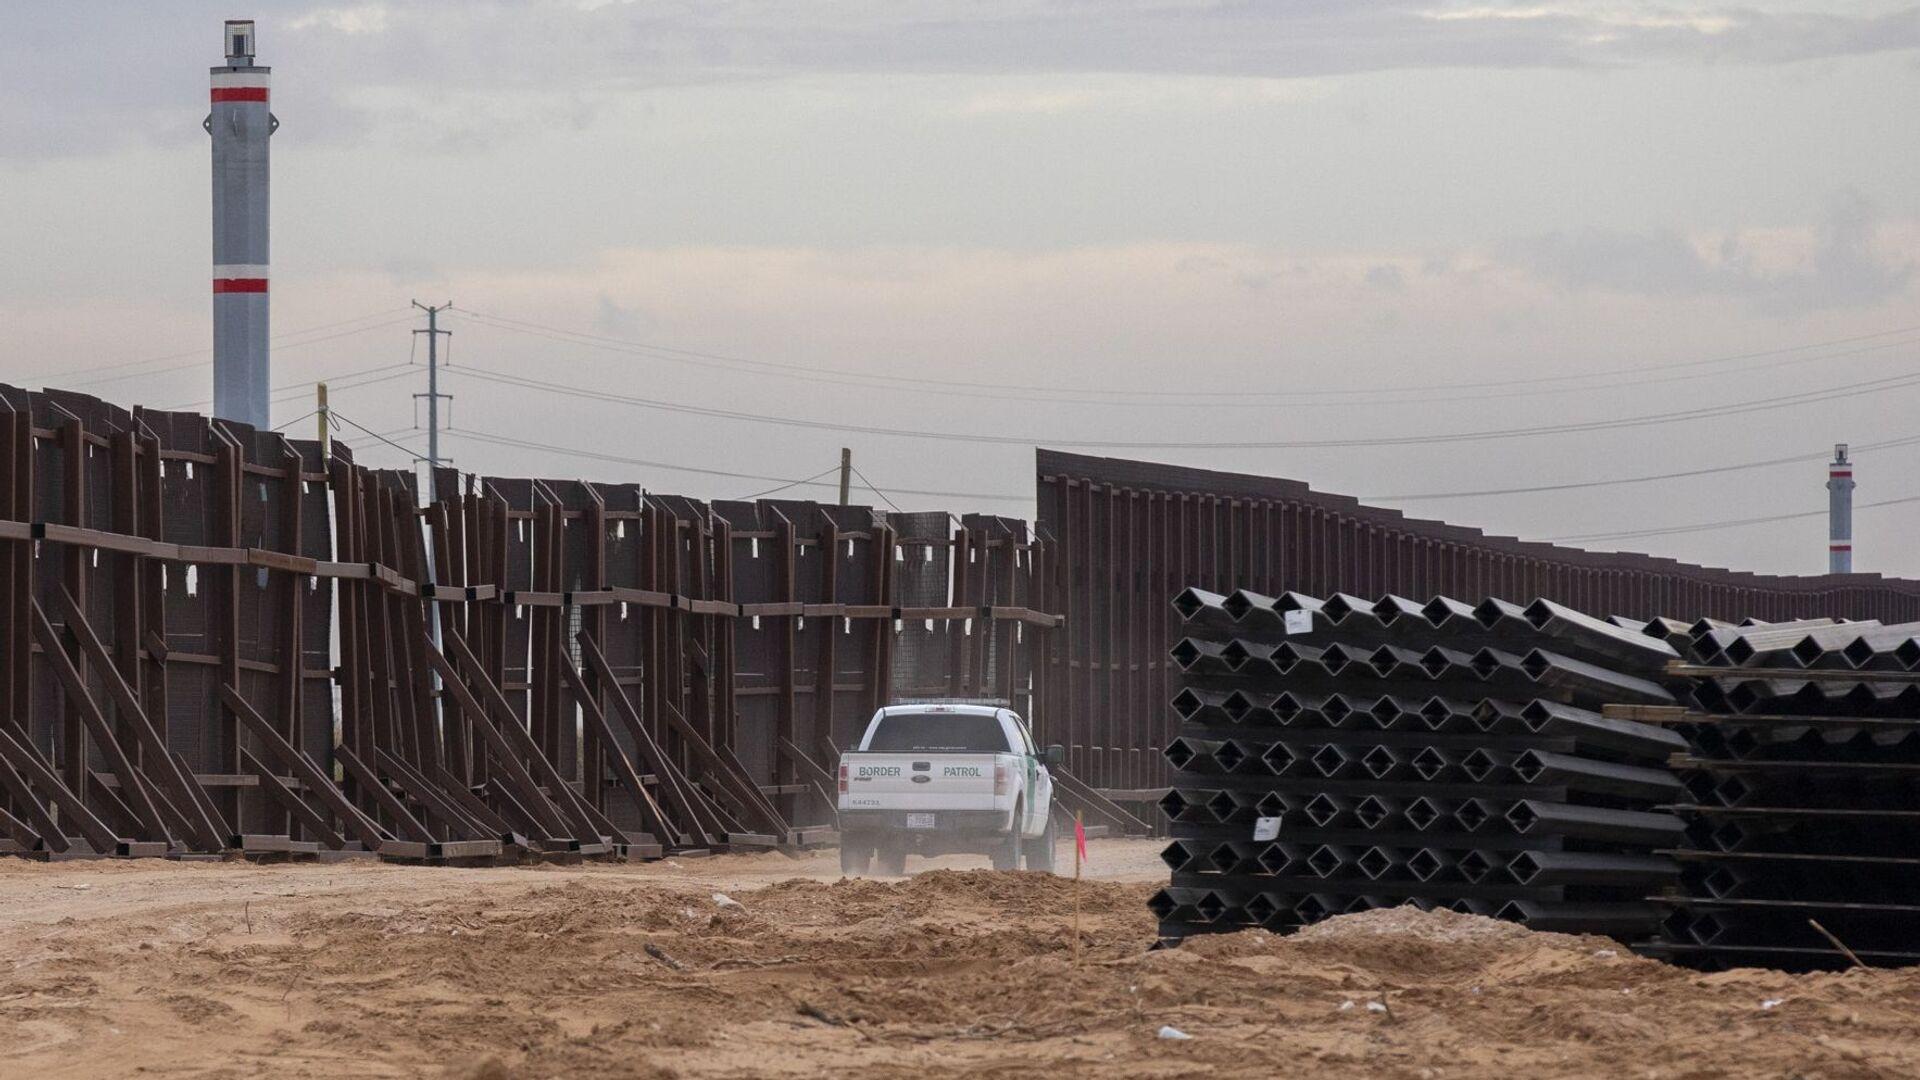 Il muro al confine tra il Messico e gli Usa - Sputnik Italia, 1920, 21.09.2021